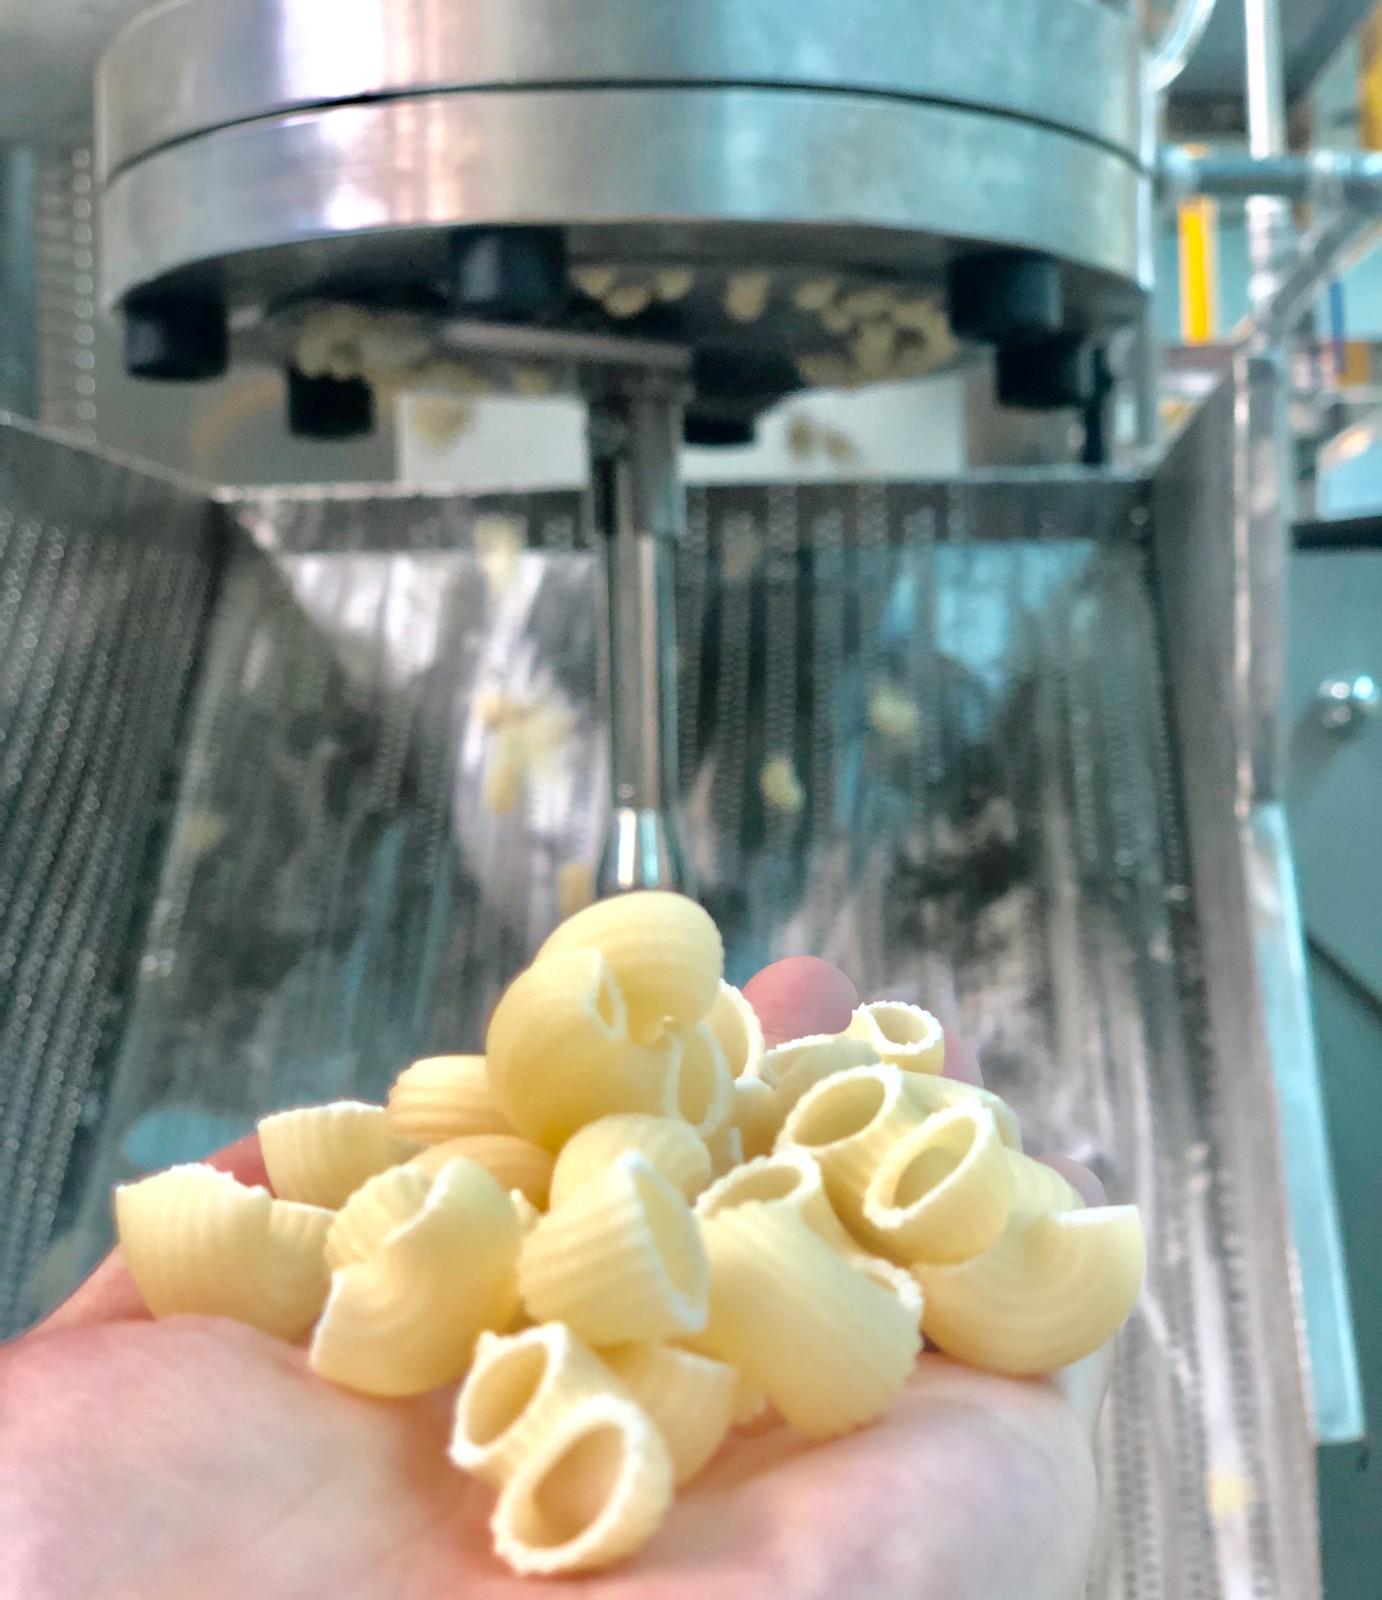 short type macaroni machine